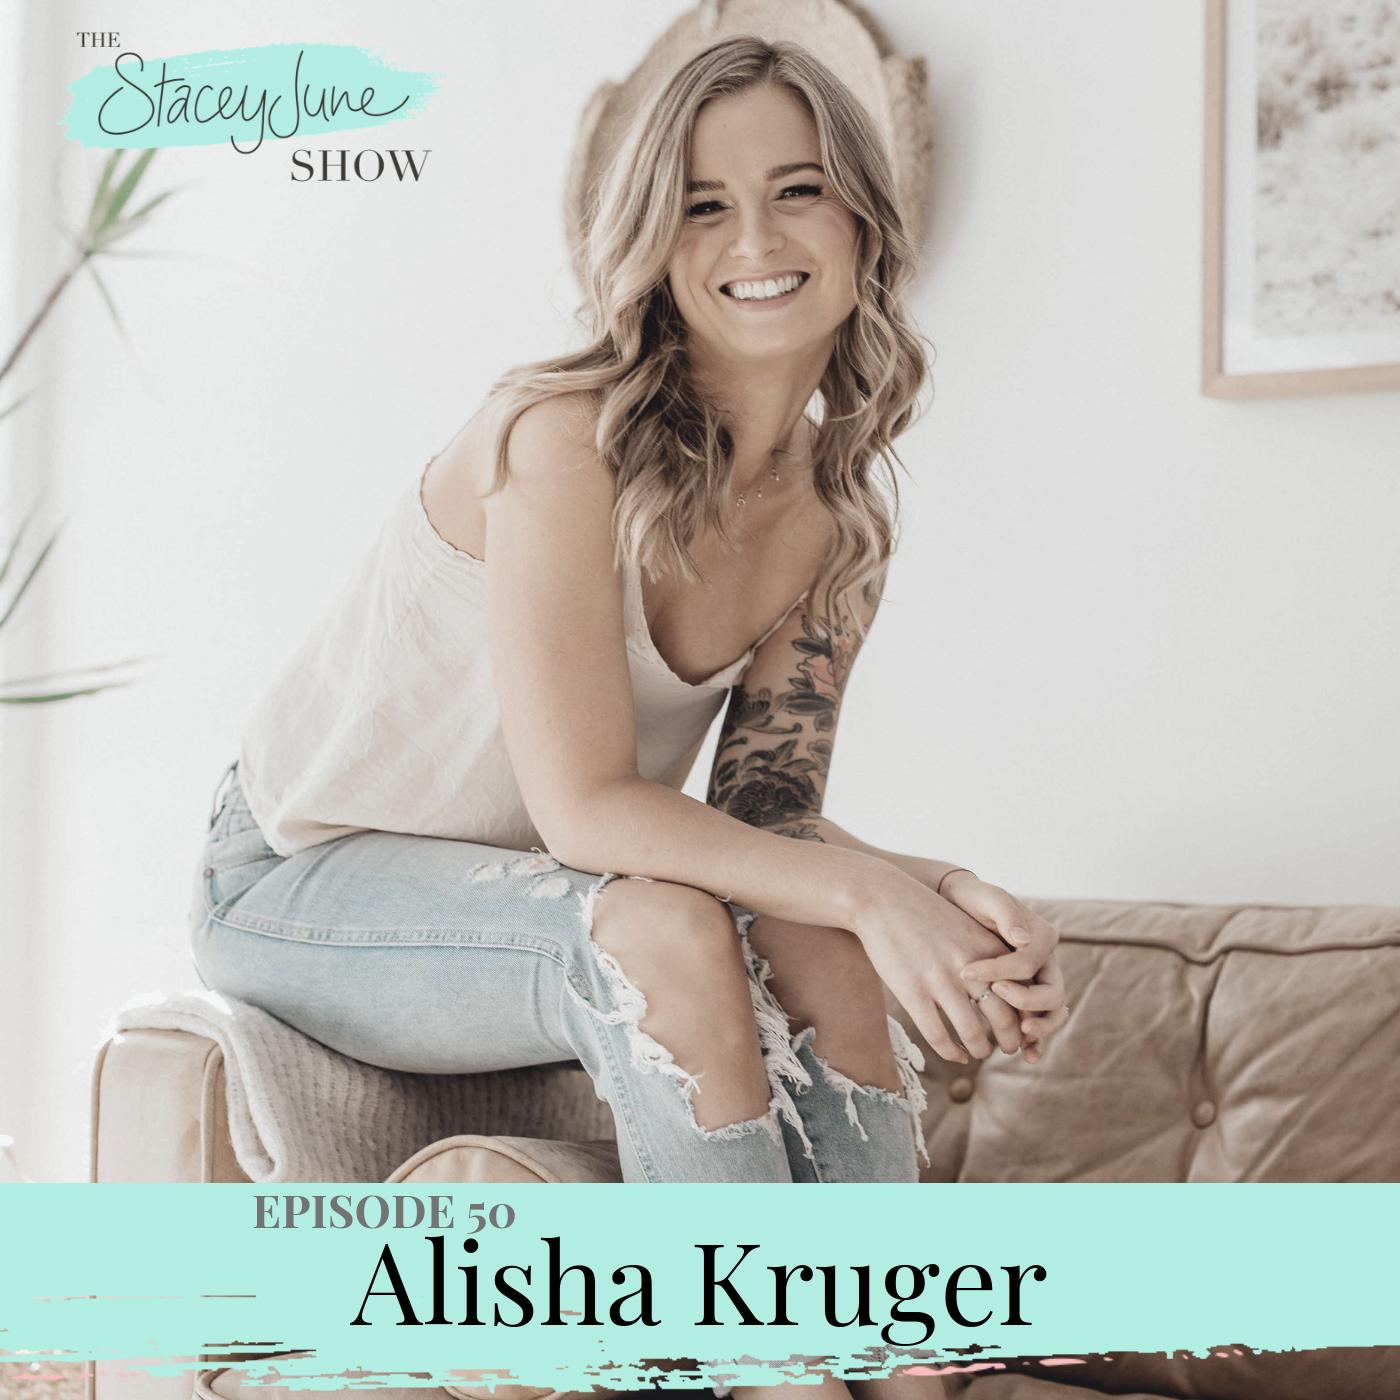 SJS_Alisha Kruger.png